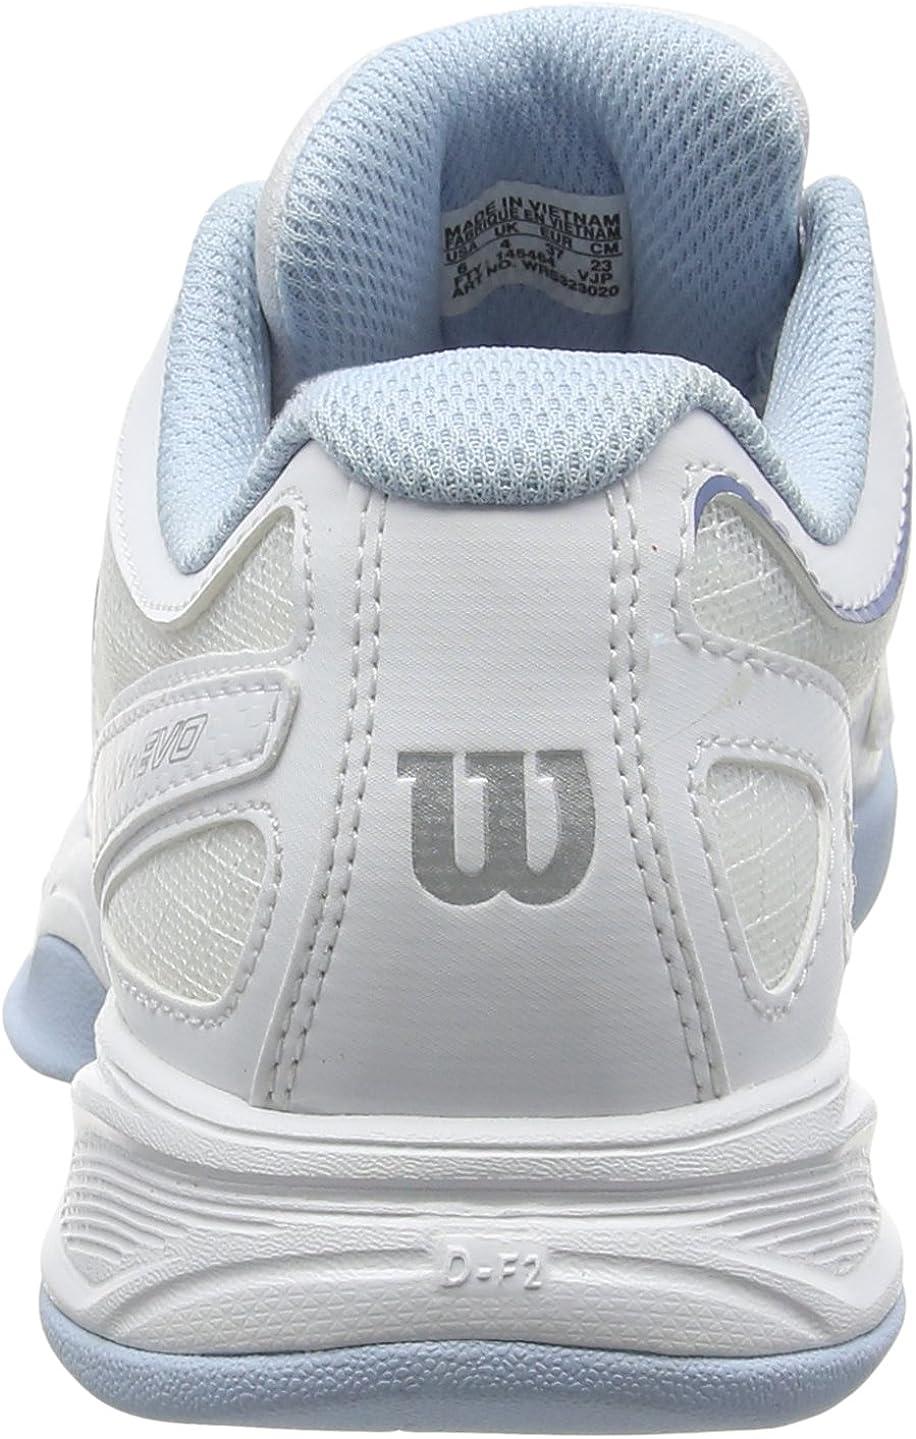 Tissu Synth/étique Id/éal pour les joueuses de tous niveaux Pour tout type de terrain RUSH EVO CARPET Wilson Femme Chaussures de Tennis